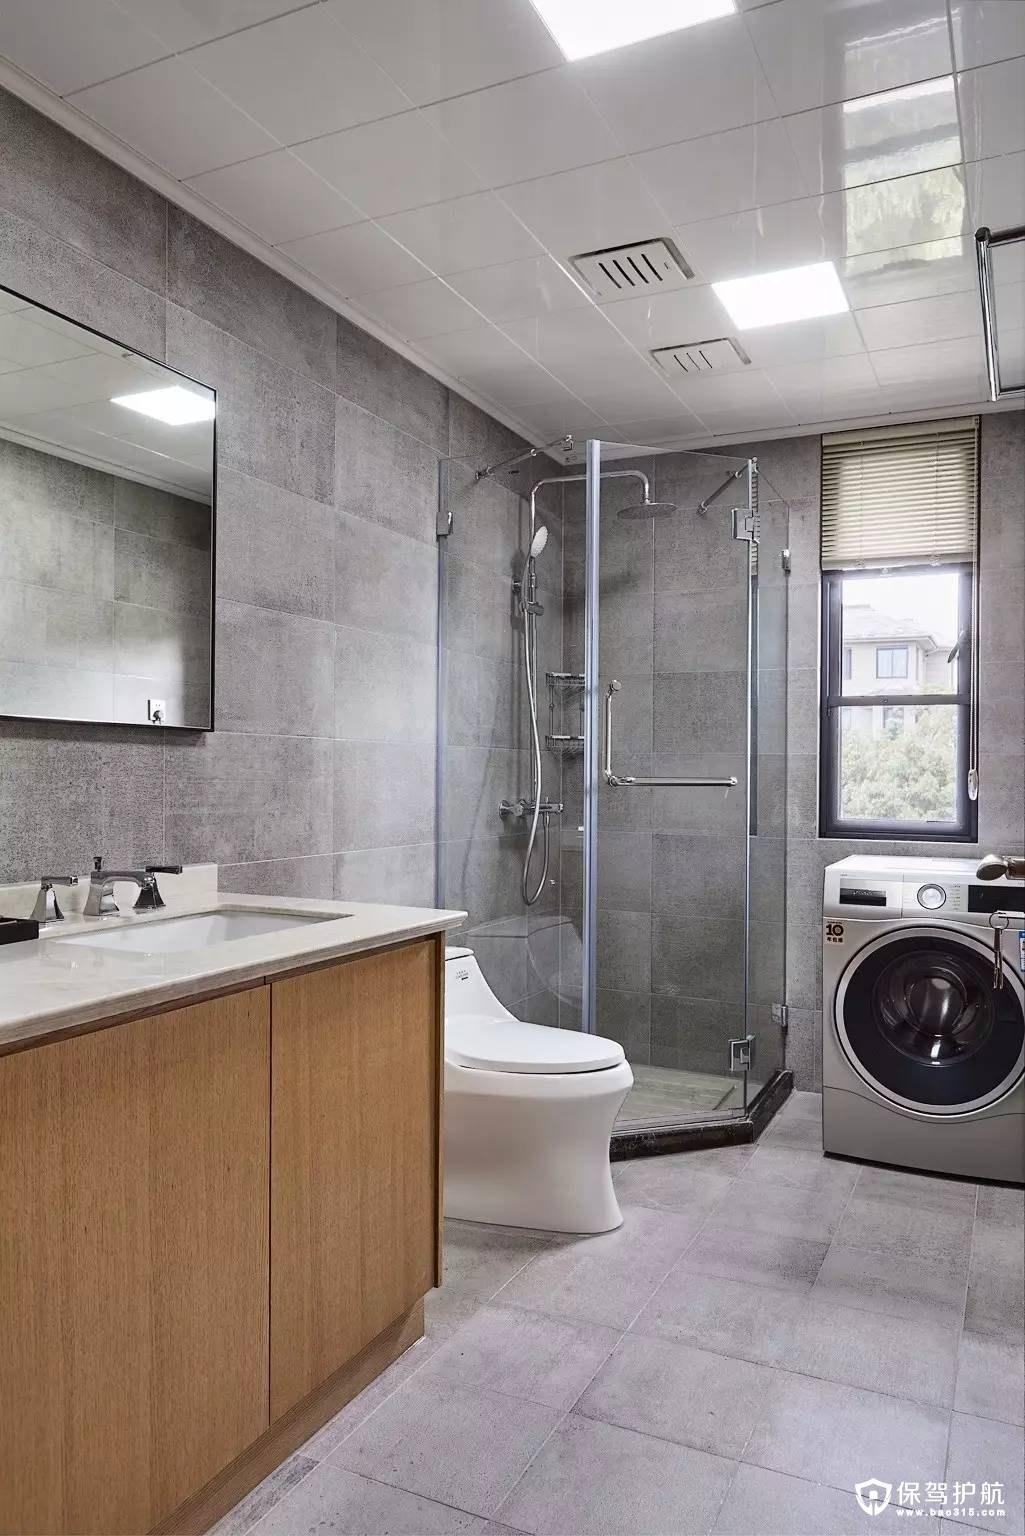 美观简洁日式风格卫生间装修效果图